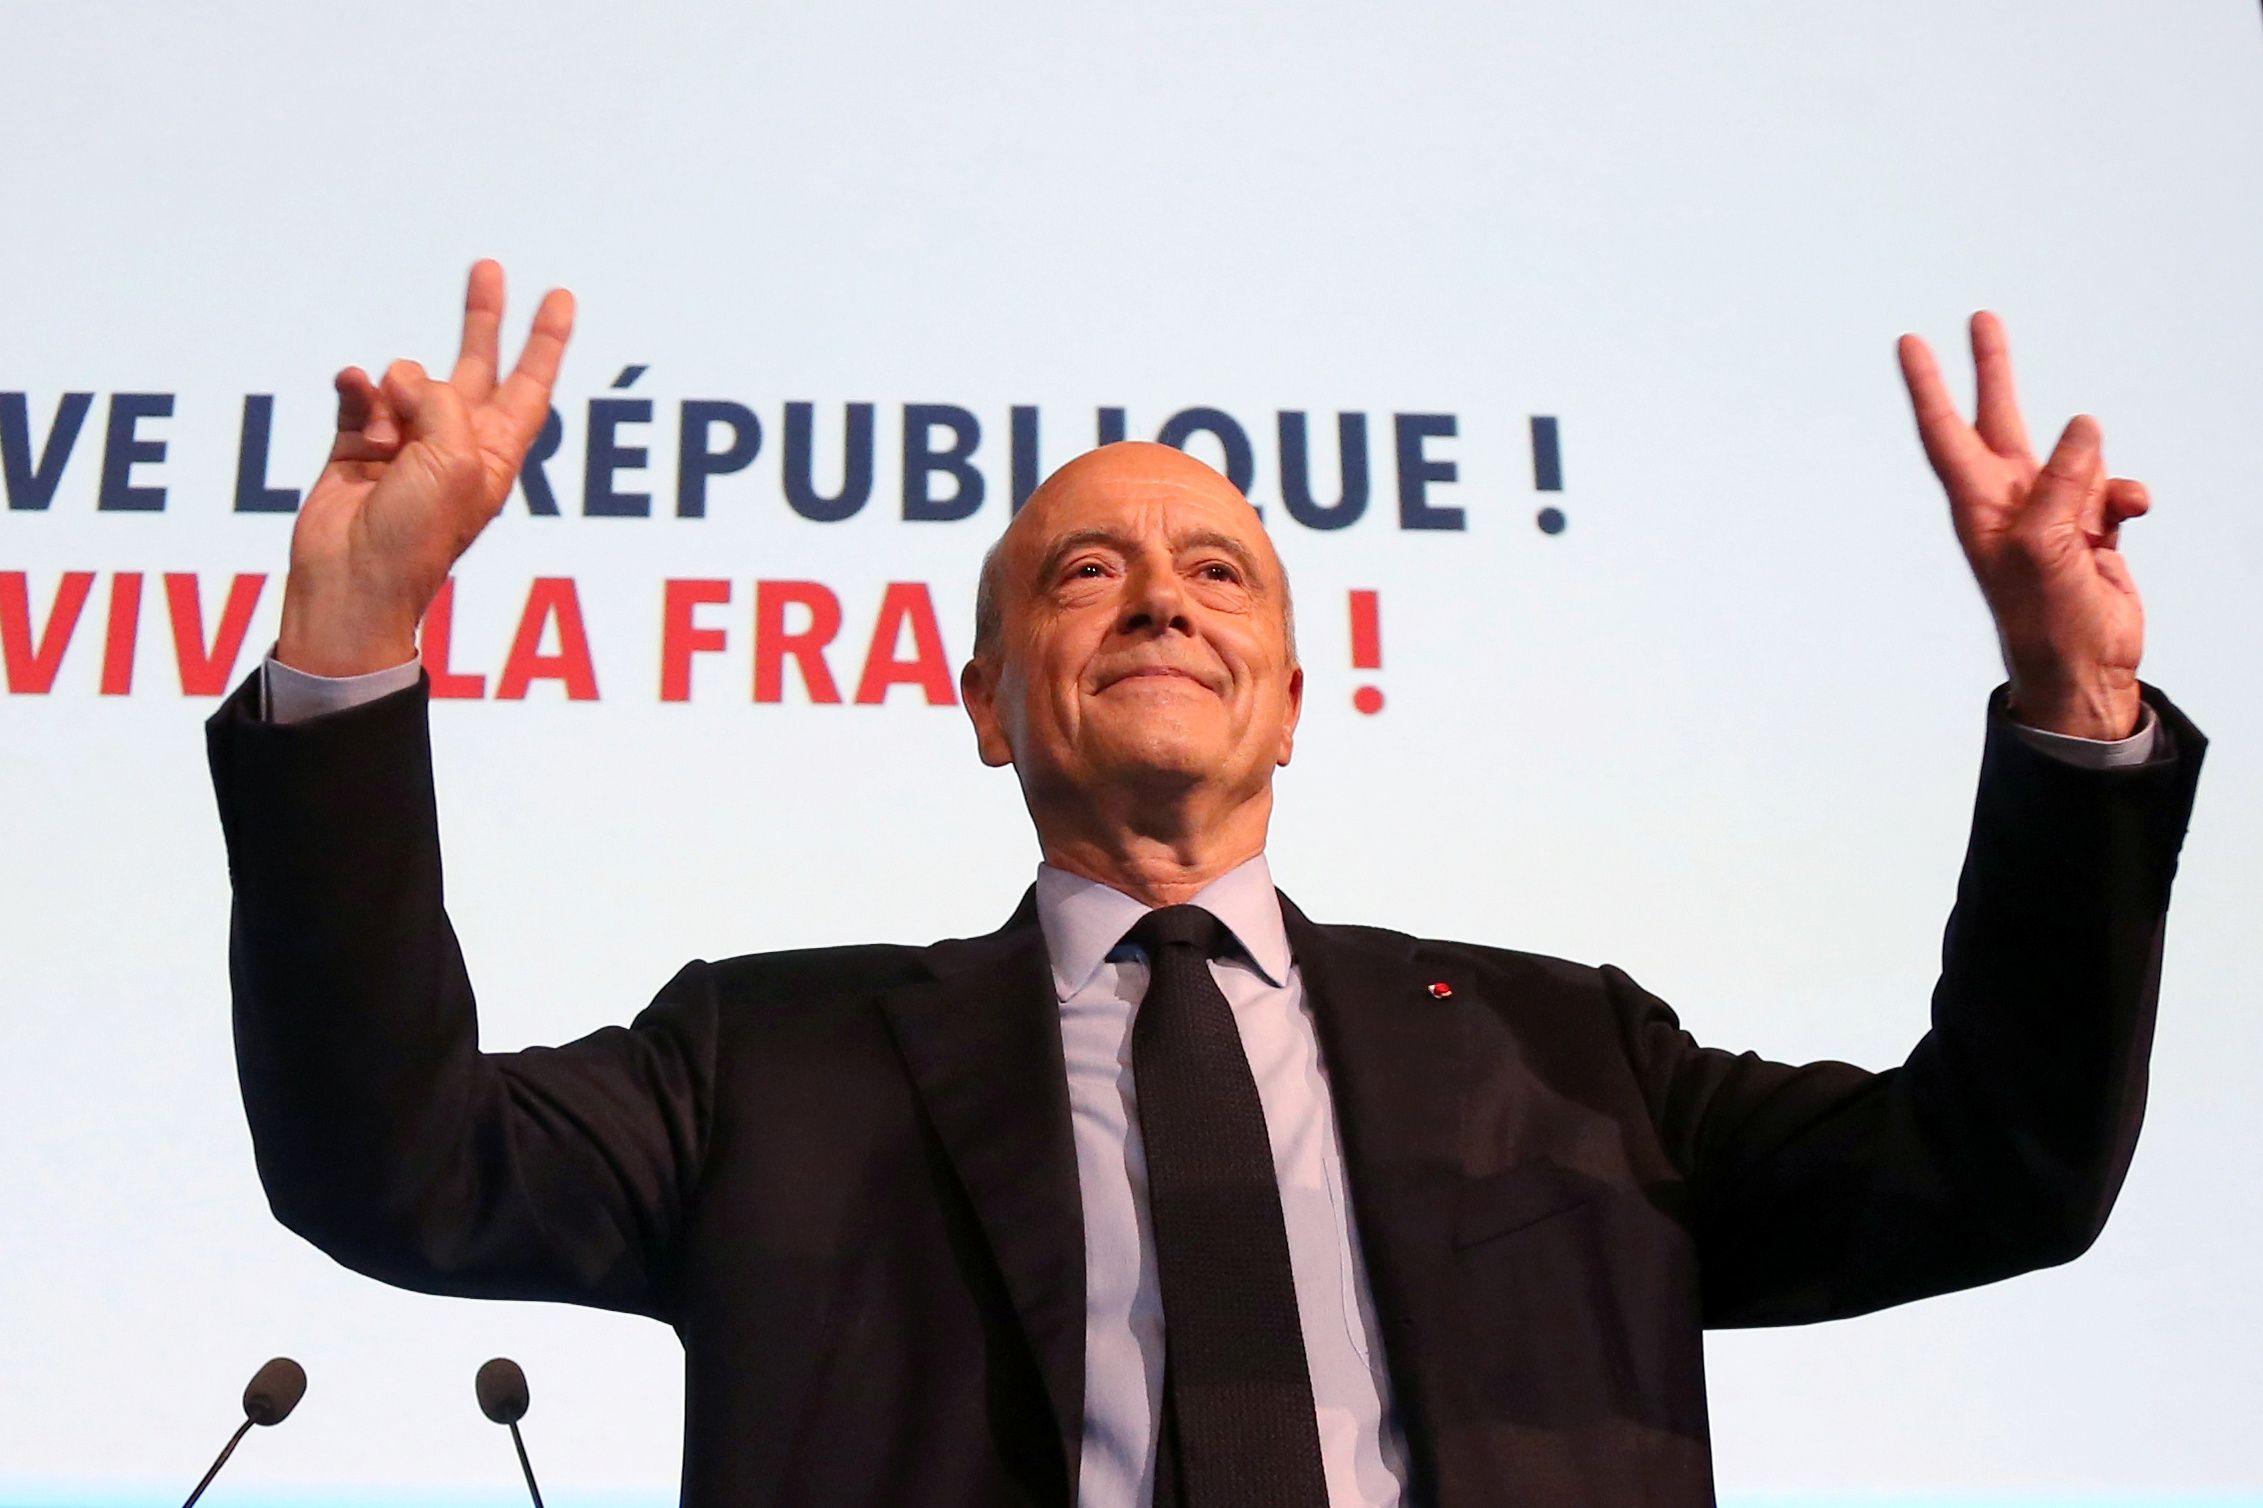 En cas de victoire, Alain Juppé va devoir composer avec toutes les composantes du parti Les Républicains.